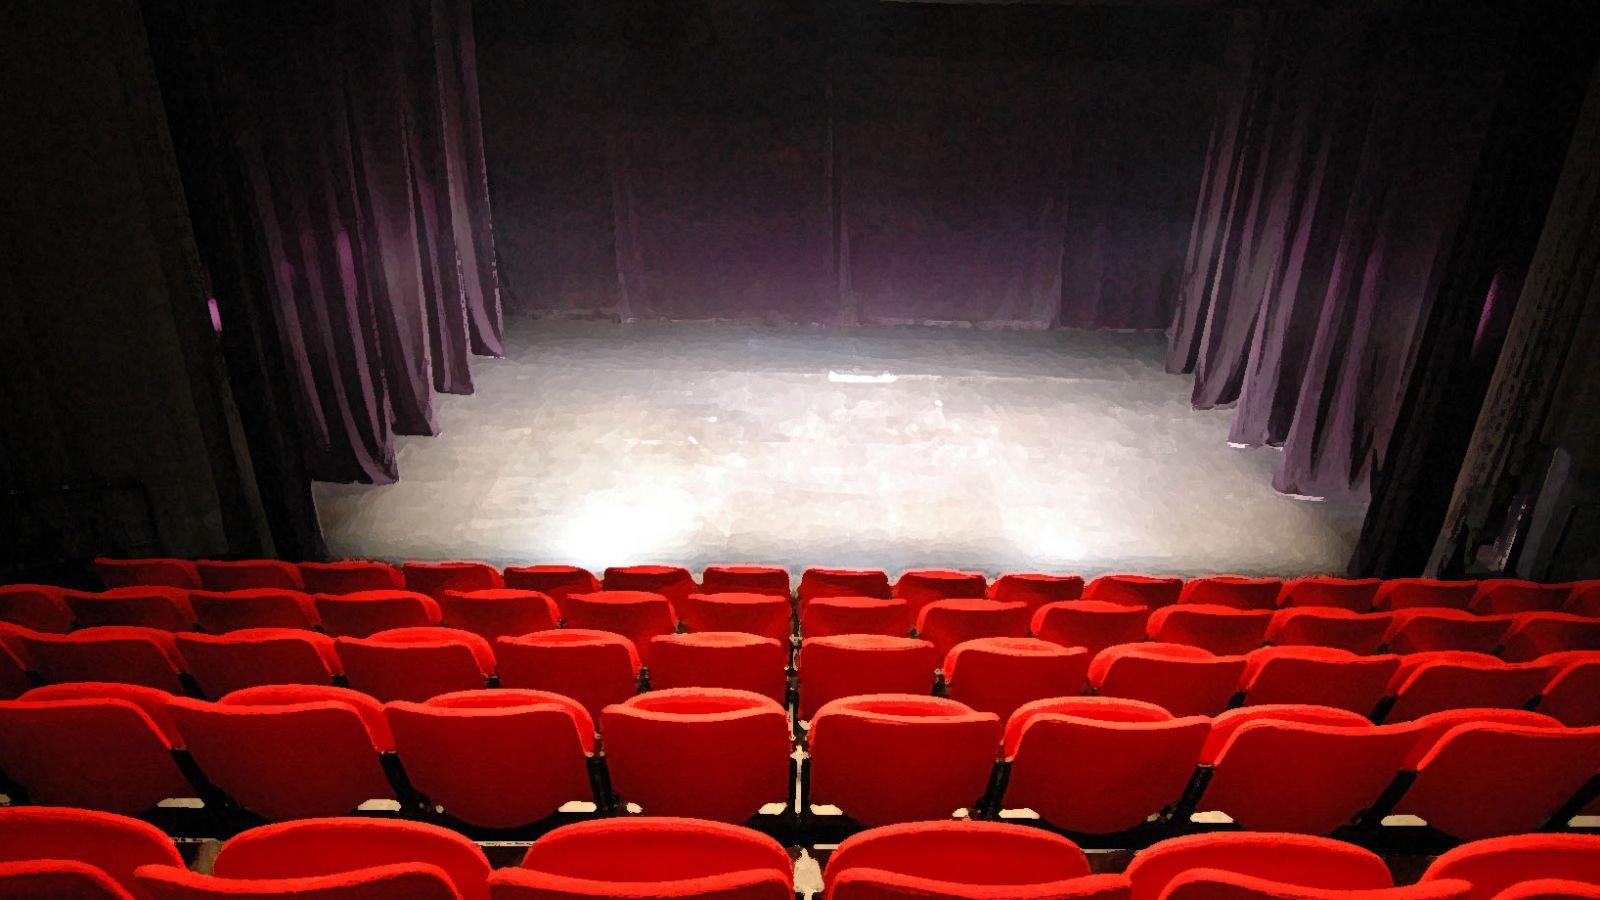 Παρενόχληση θέατρο: Κατατέθηκε η μήνυση εναντίον του γνωστού σκηνοθέτη – Οι δηλώσεις του δικηγόρου [vid]